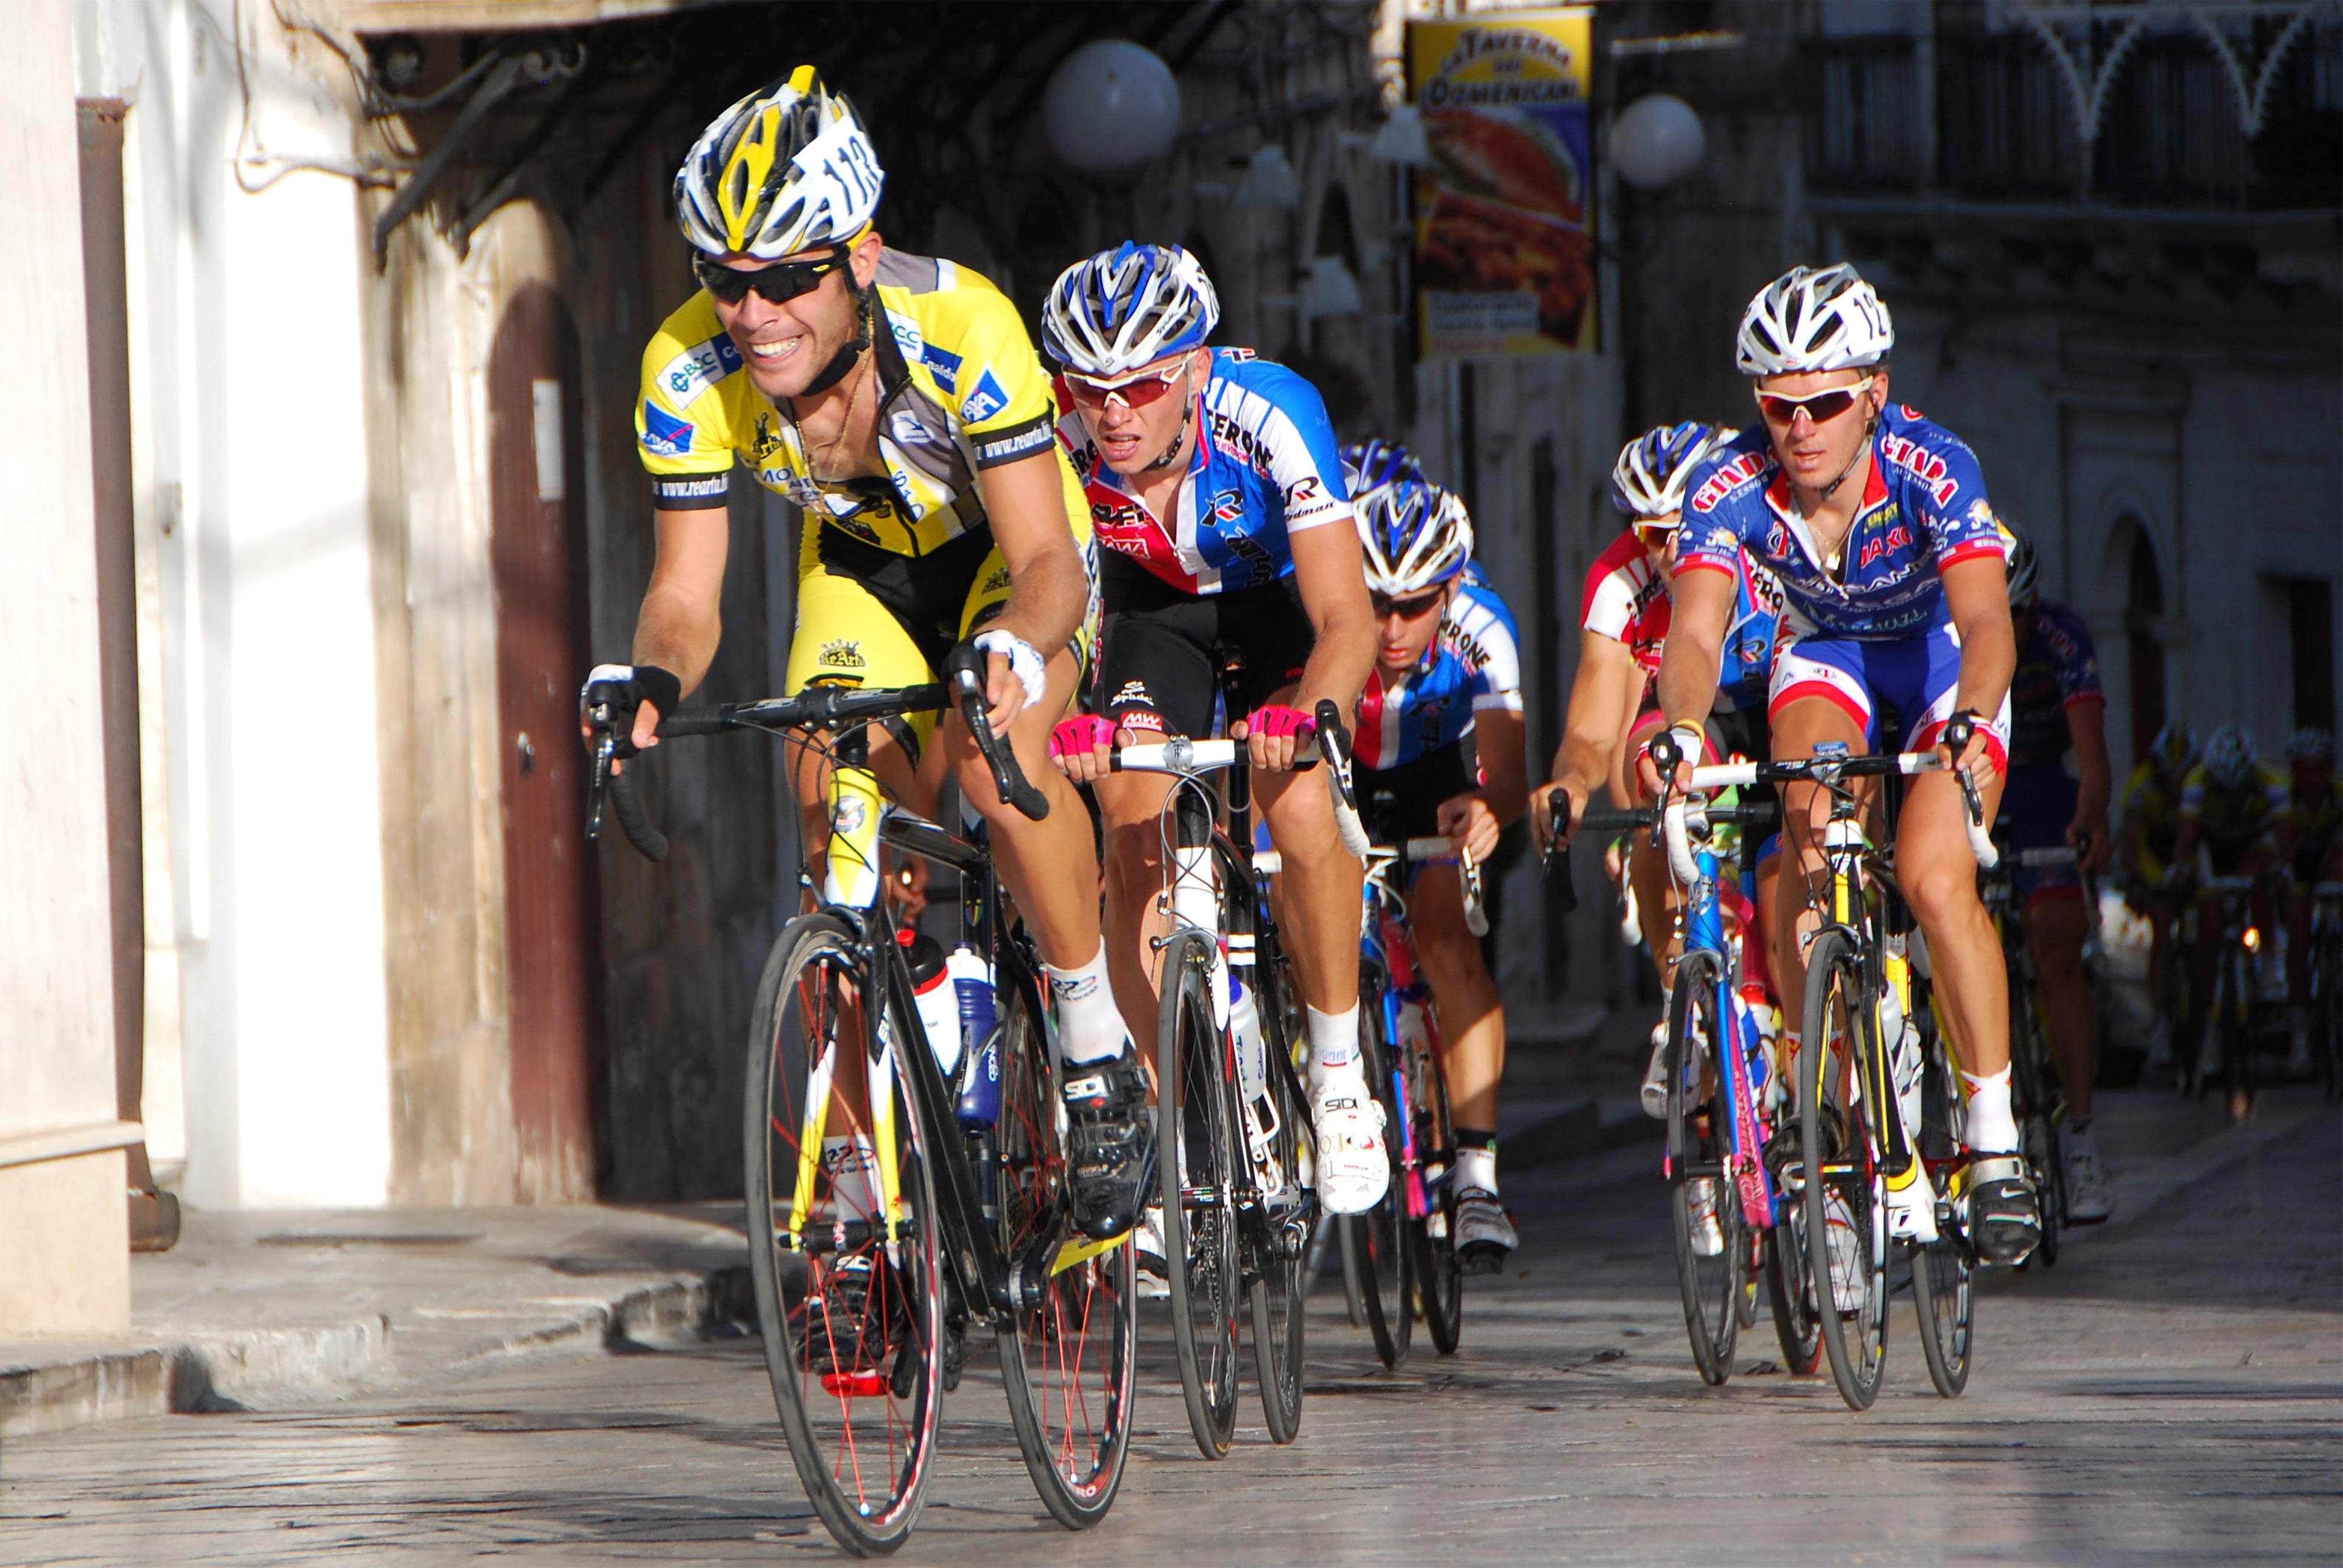 настенные фонари велосипедные гонки фото готовы удивить удовлетворить